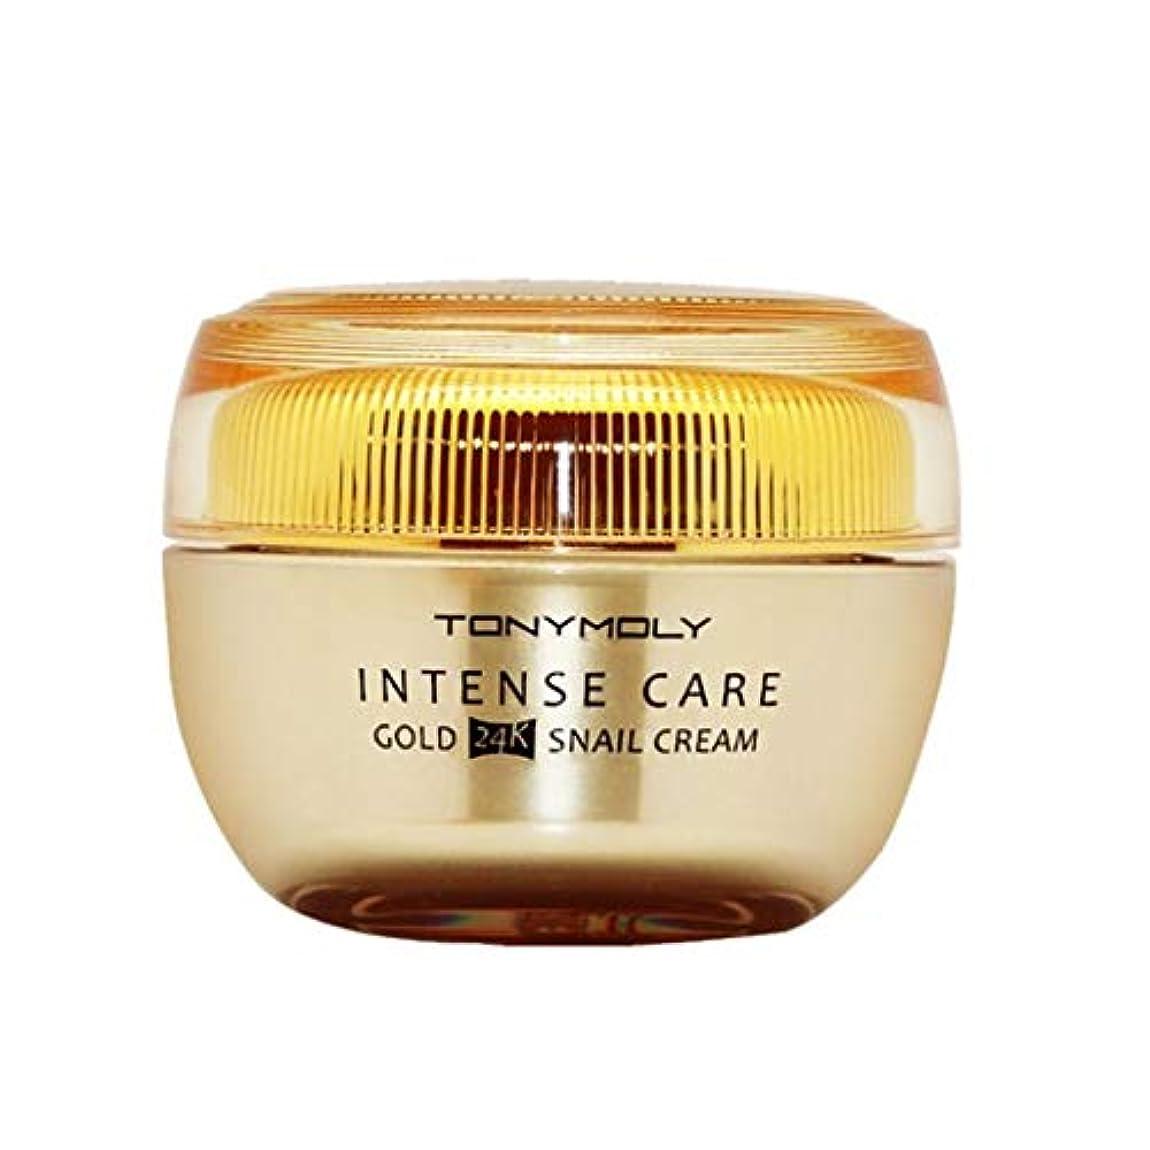 メイン暴徒純度トニーモリーインテンスケアゴールド24Kスネールクリーム45ml x 2本セット美白、シワ改善クリーム、Tonymoly Intense Care Gold 24K Snail Cream 45ml x 2ea Set...